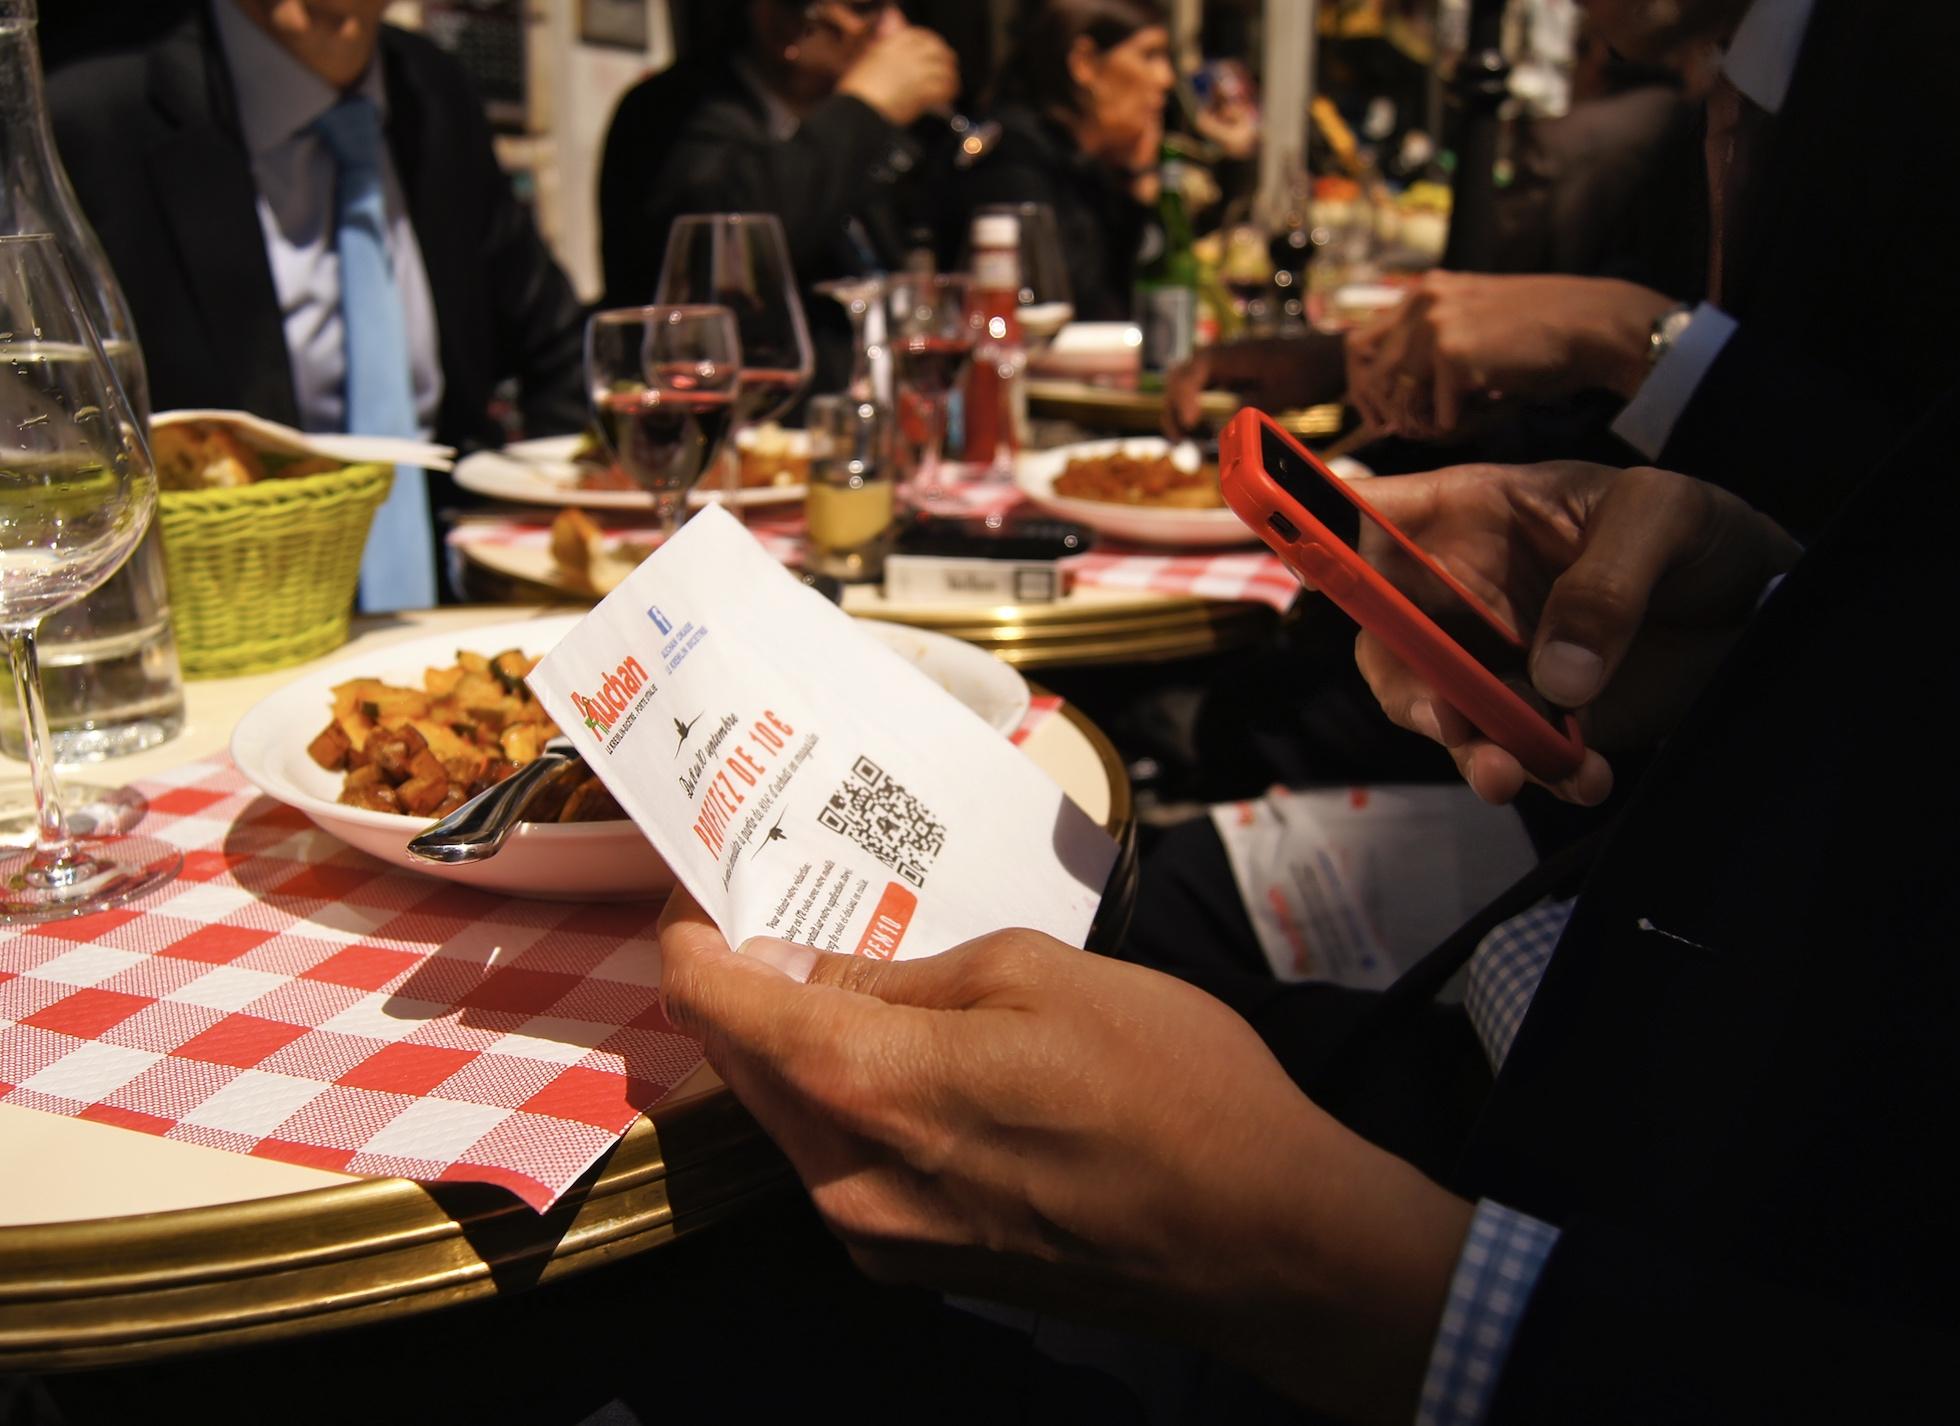 Serviette de table publicitaire, support tactique - Média tactique - Keemia Bordeaux Agence marketing local en région Aquitaine